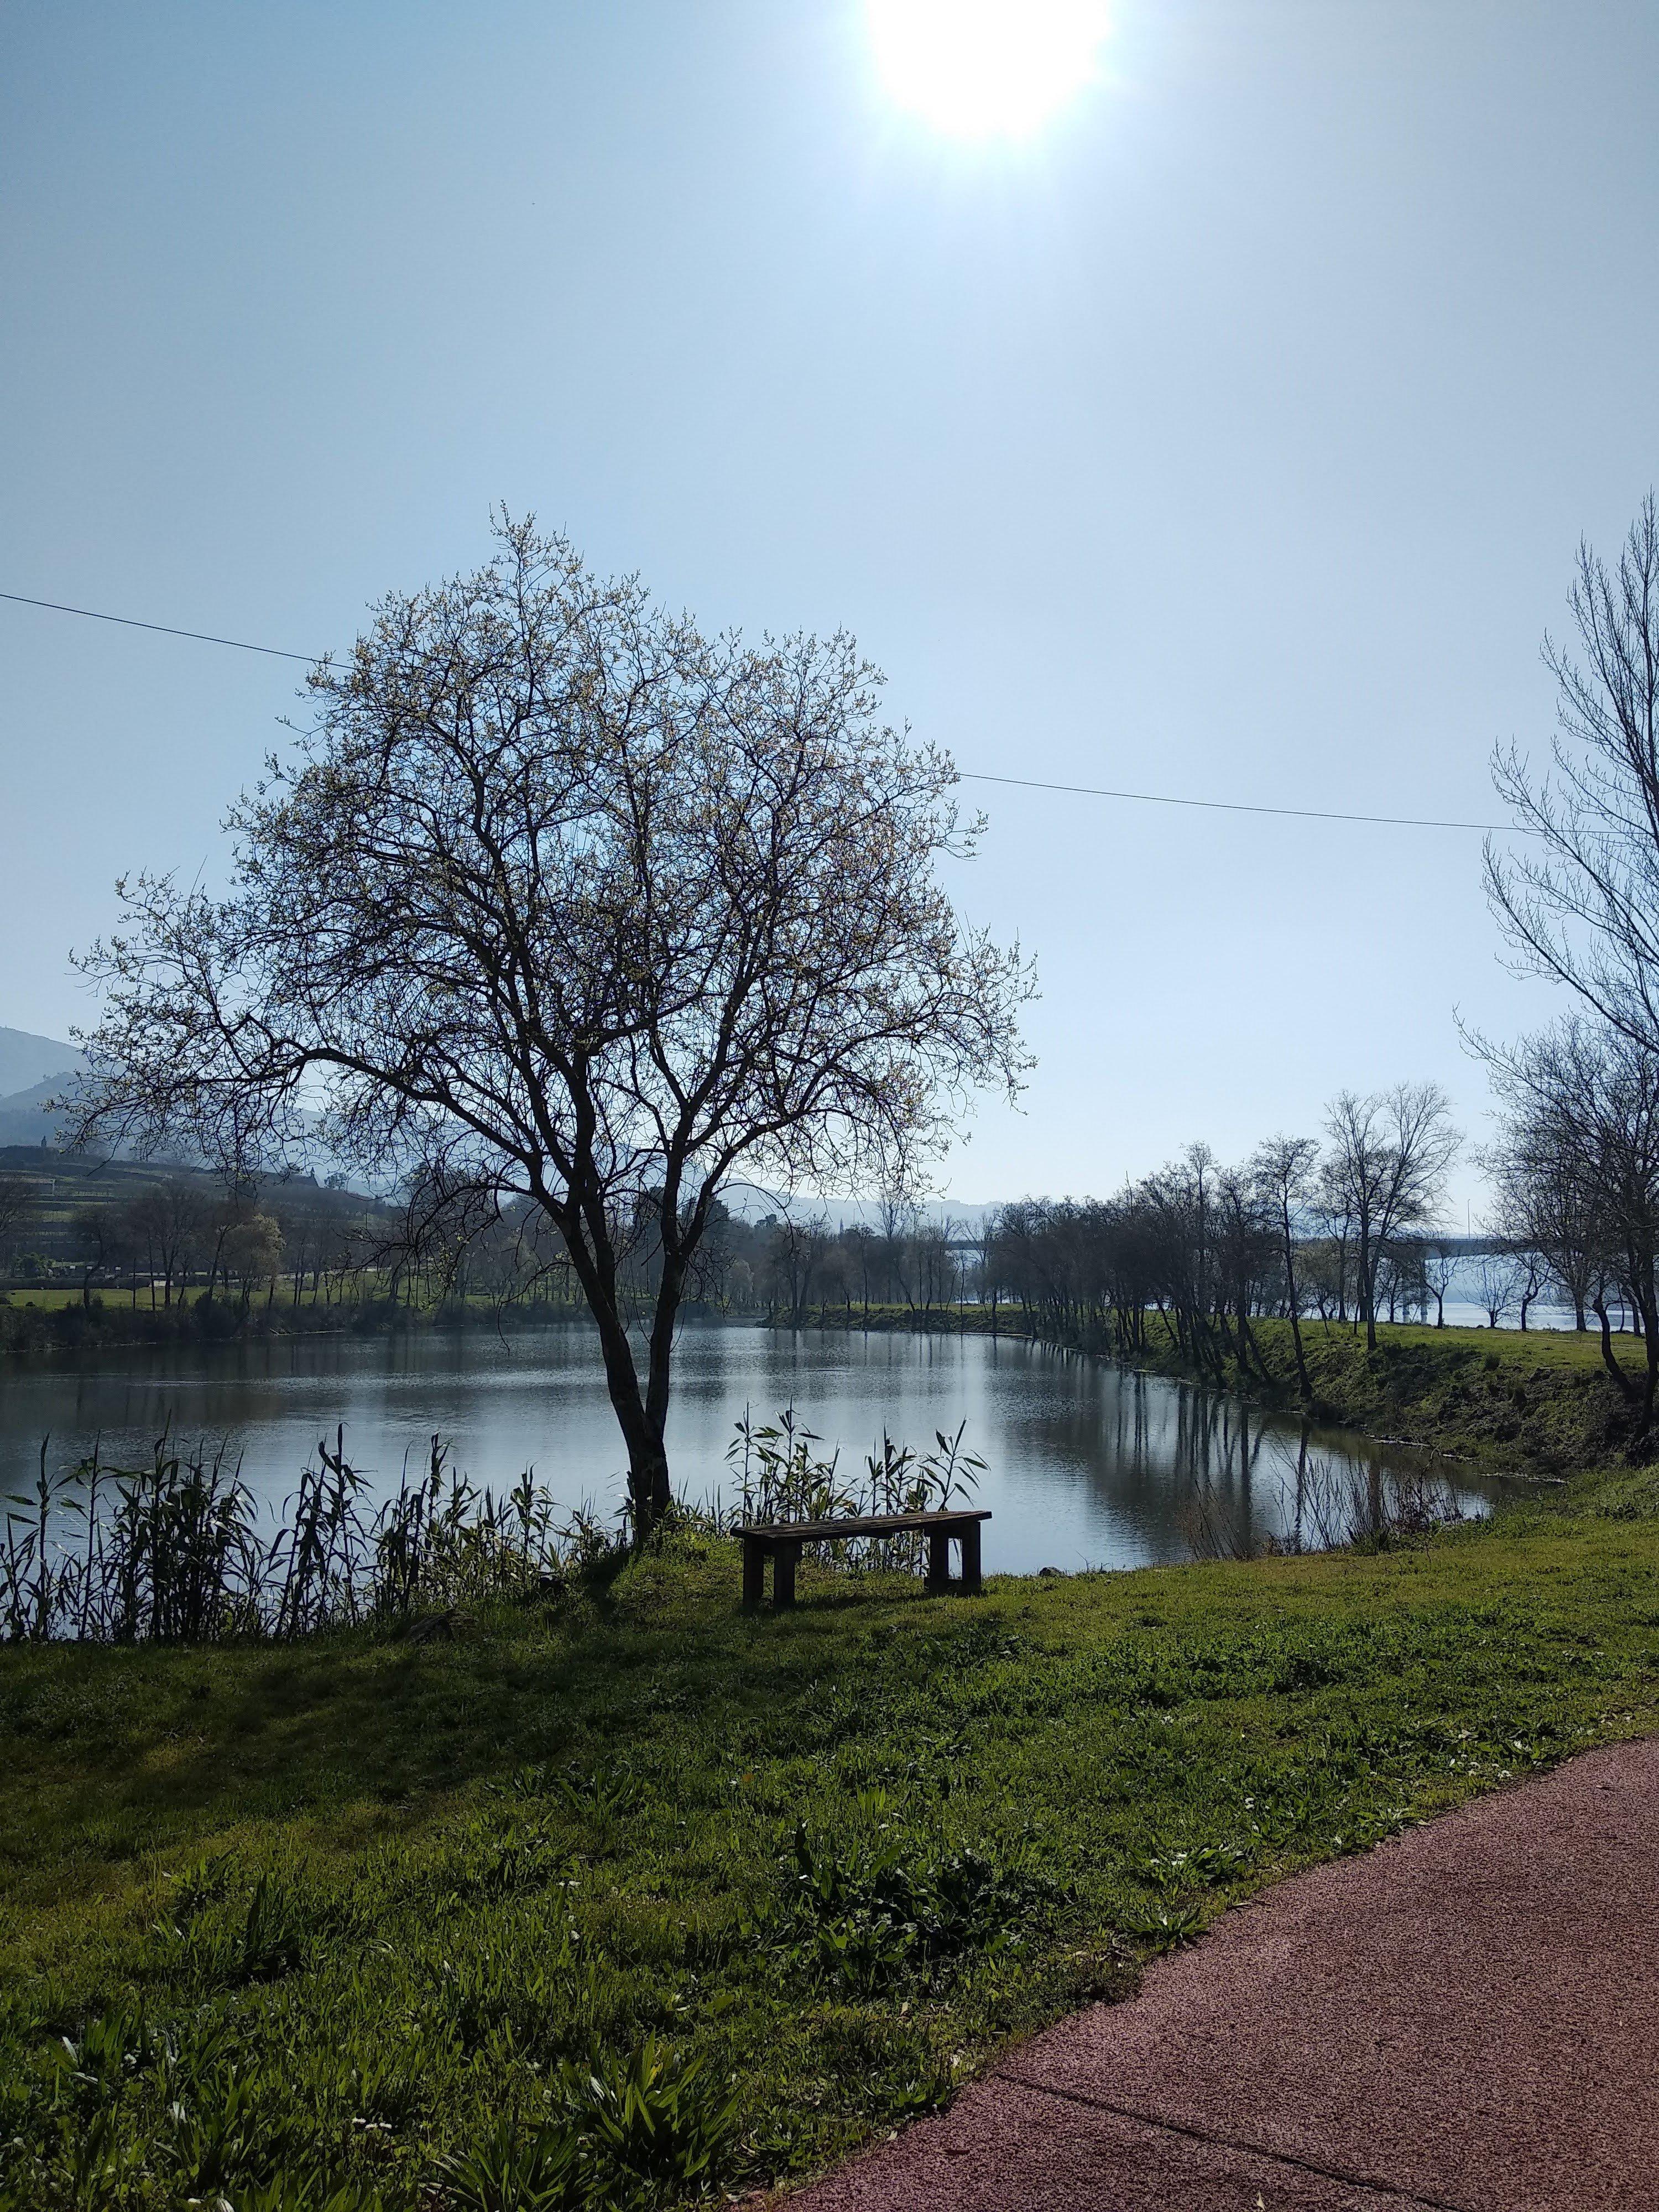 Margens do Rio Minho junto à praia fluvial